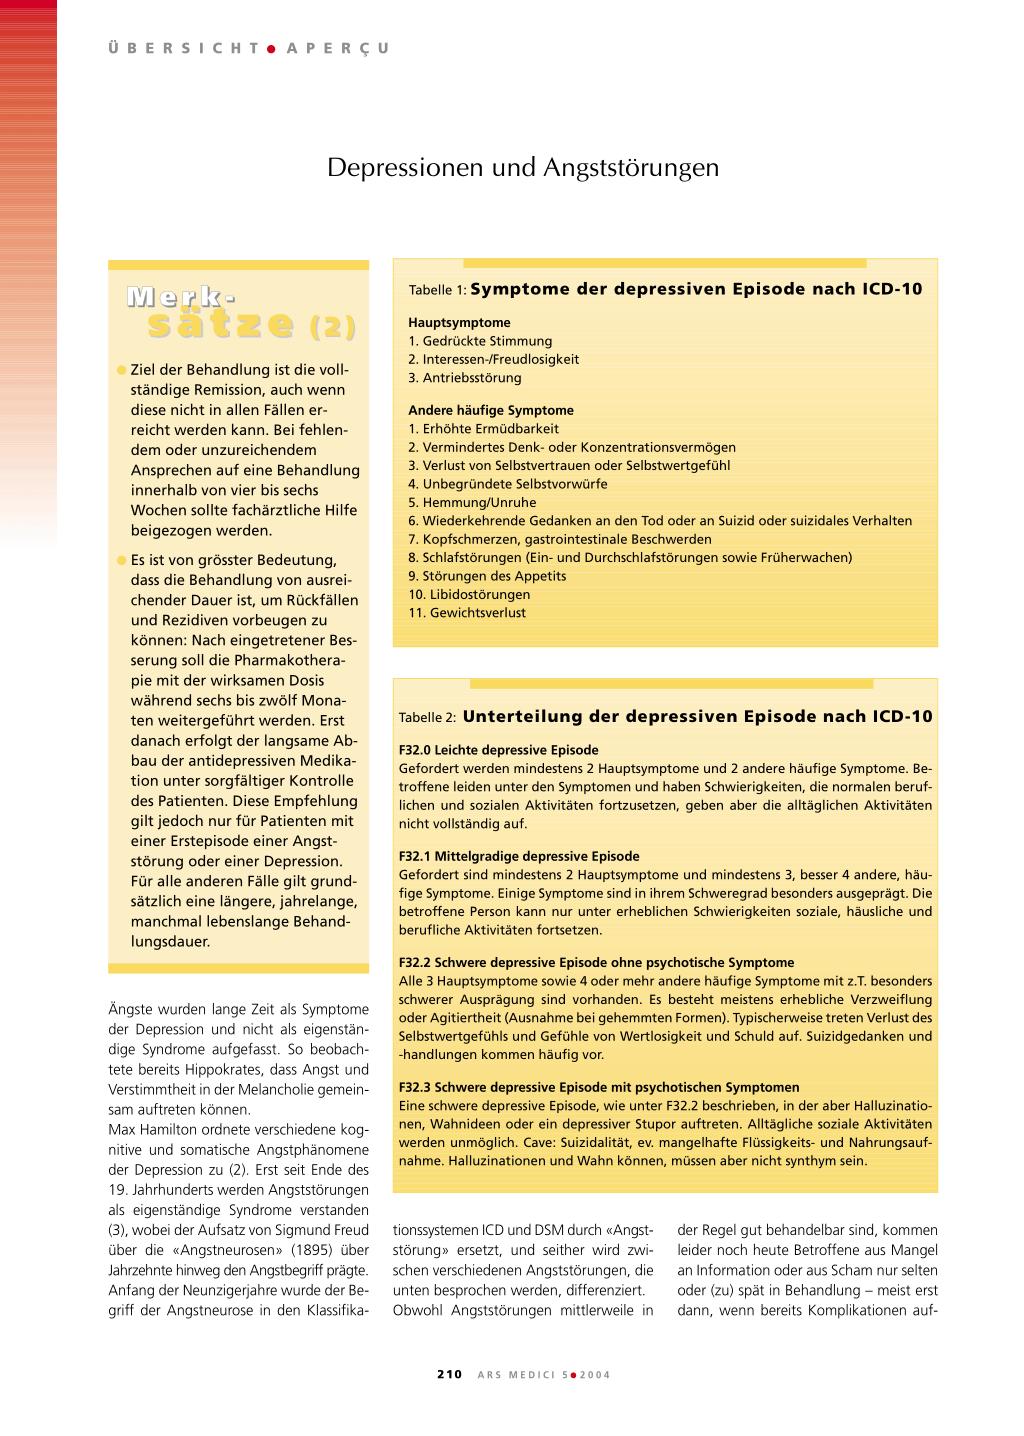 Depressionen und Angststörungen – Rosenfluh.ch